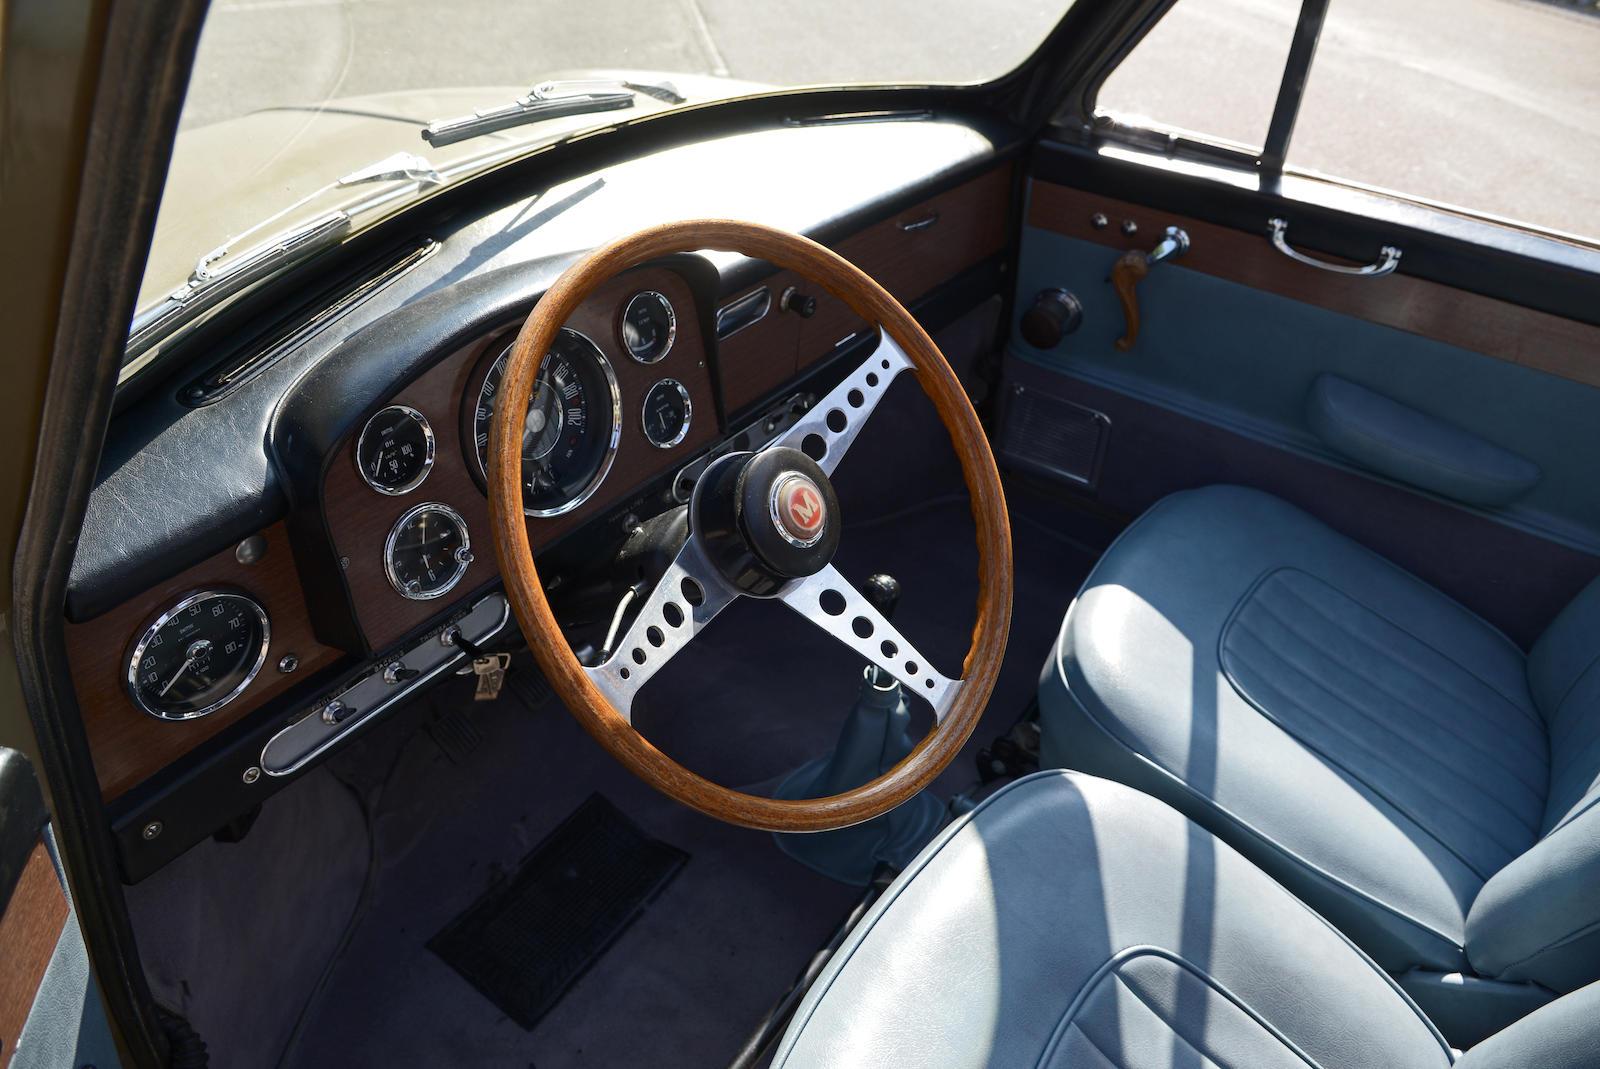 1965 Morris Mini Cooper S MkI interior